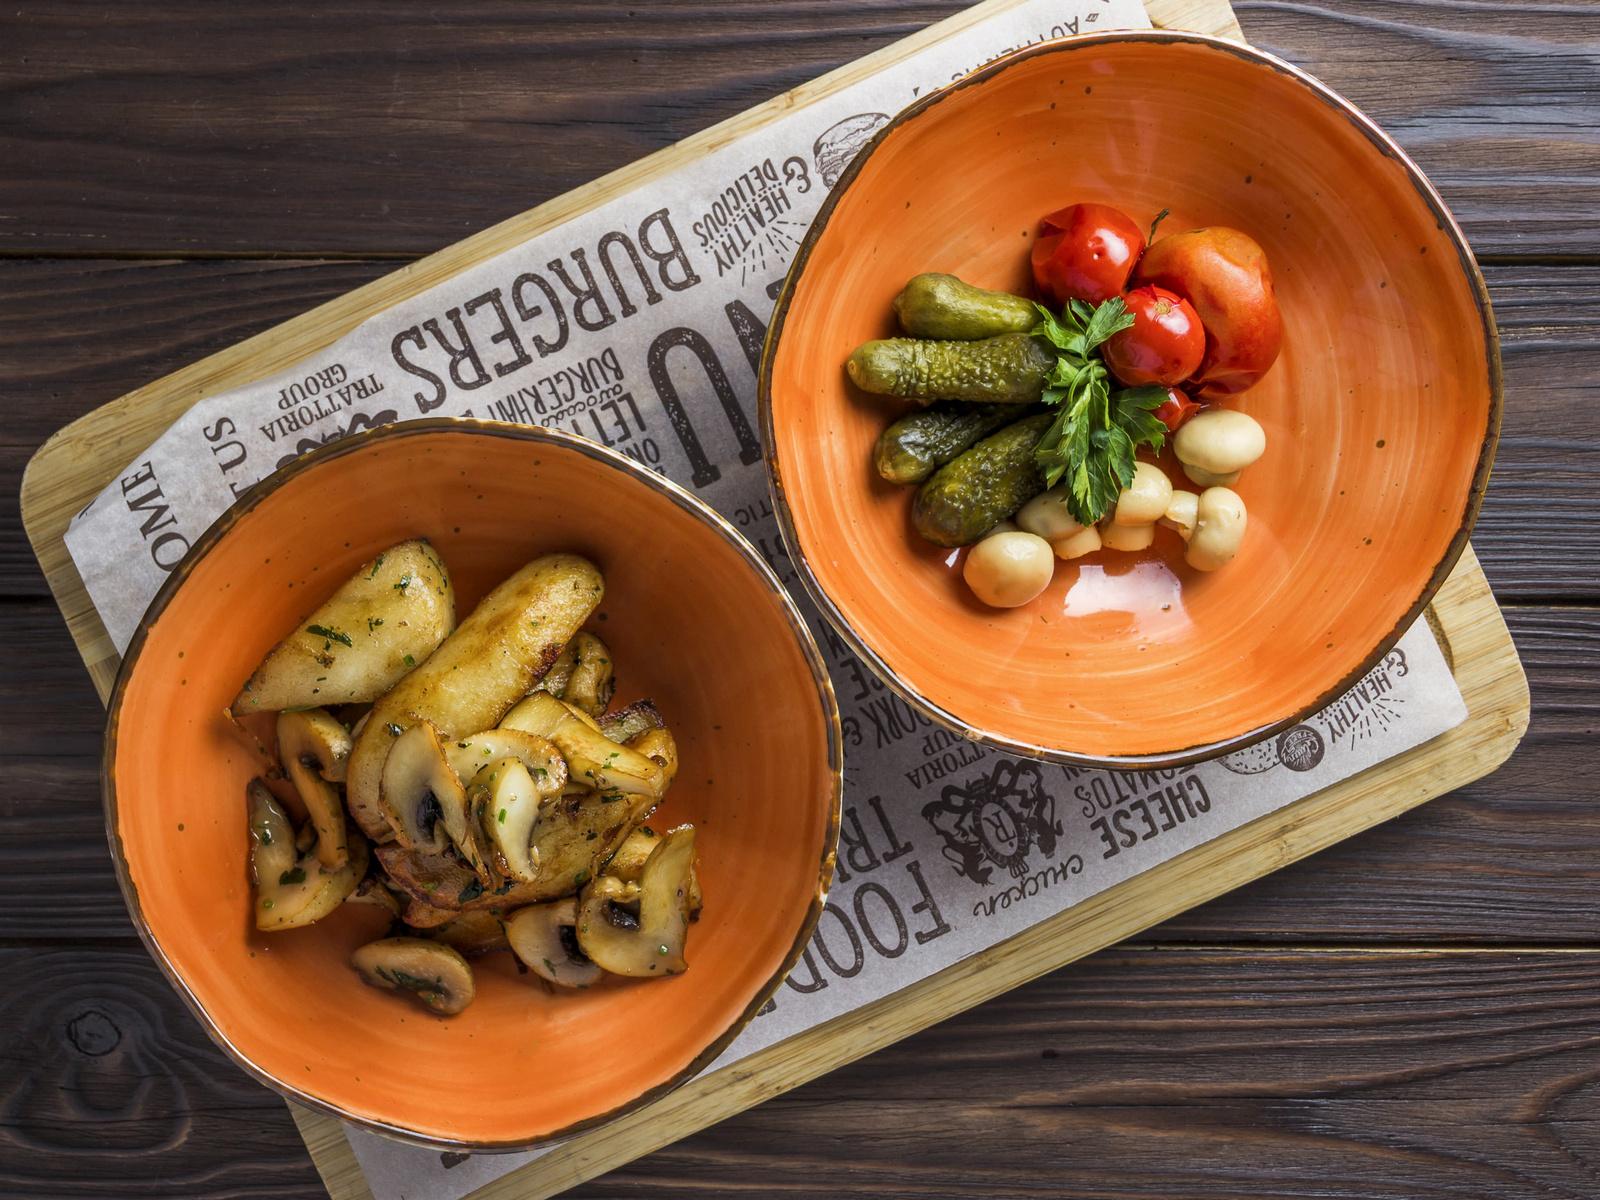 Жареный картофель с хрустящими корнишонами, черри и шампиньонами